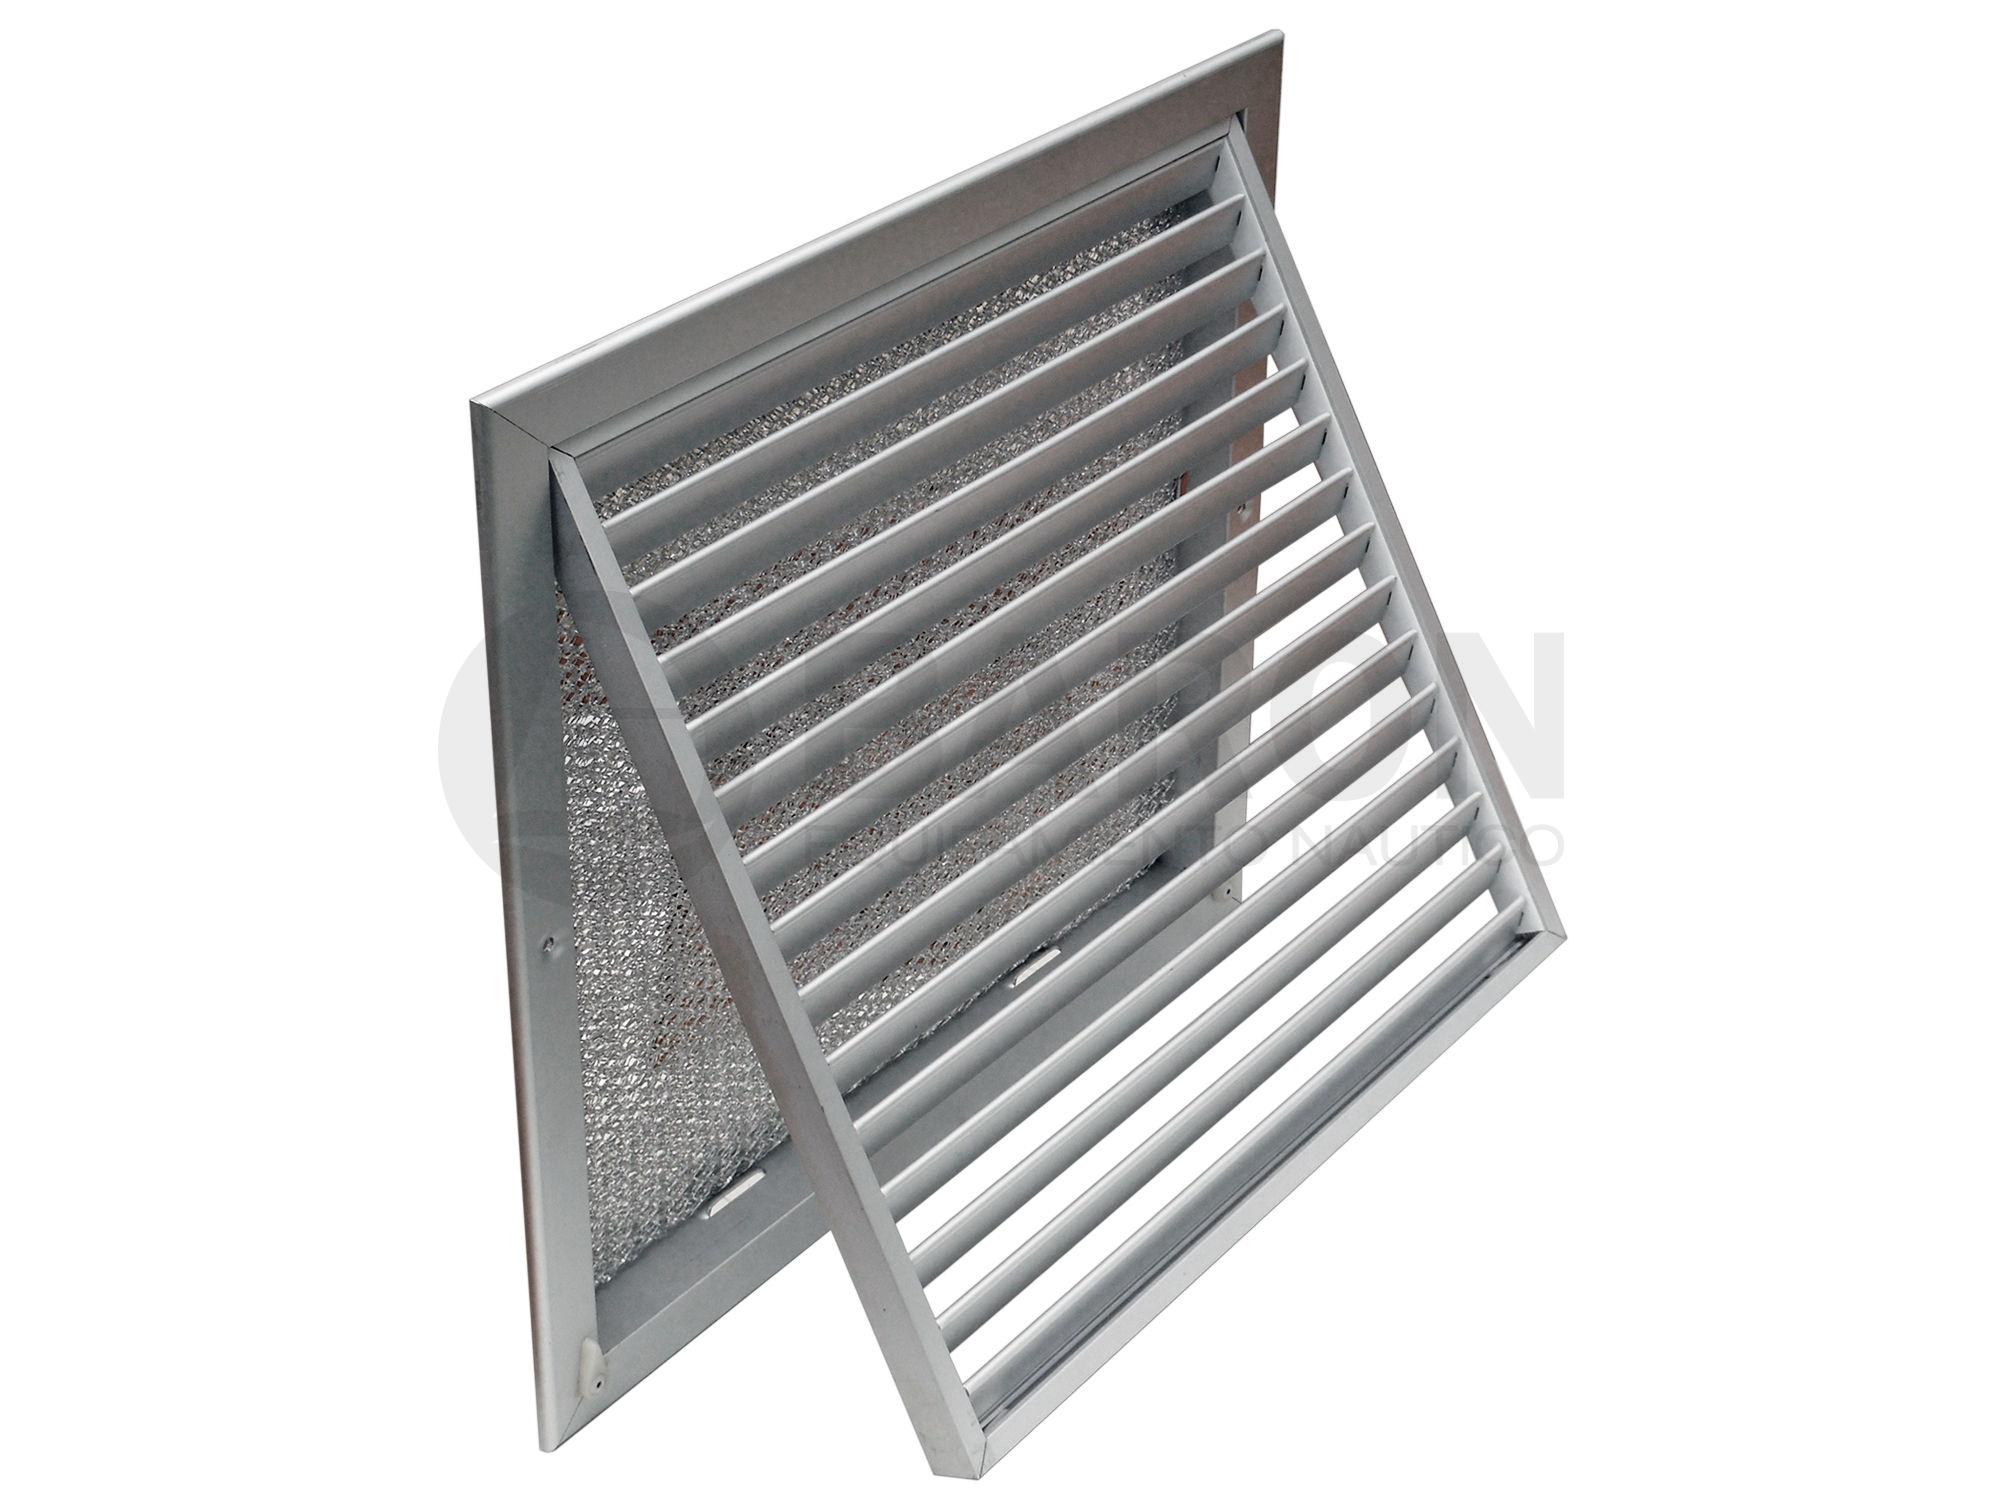 Aire acondicionado rejillas rejilla retorno aire 12x12 for Rejillas aire acondicionado regulables